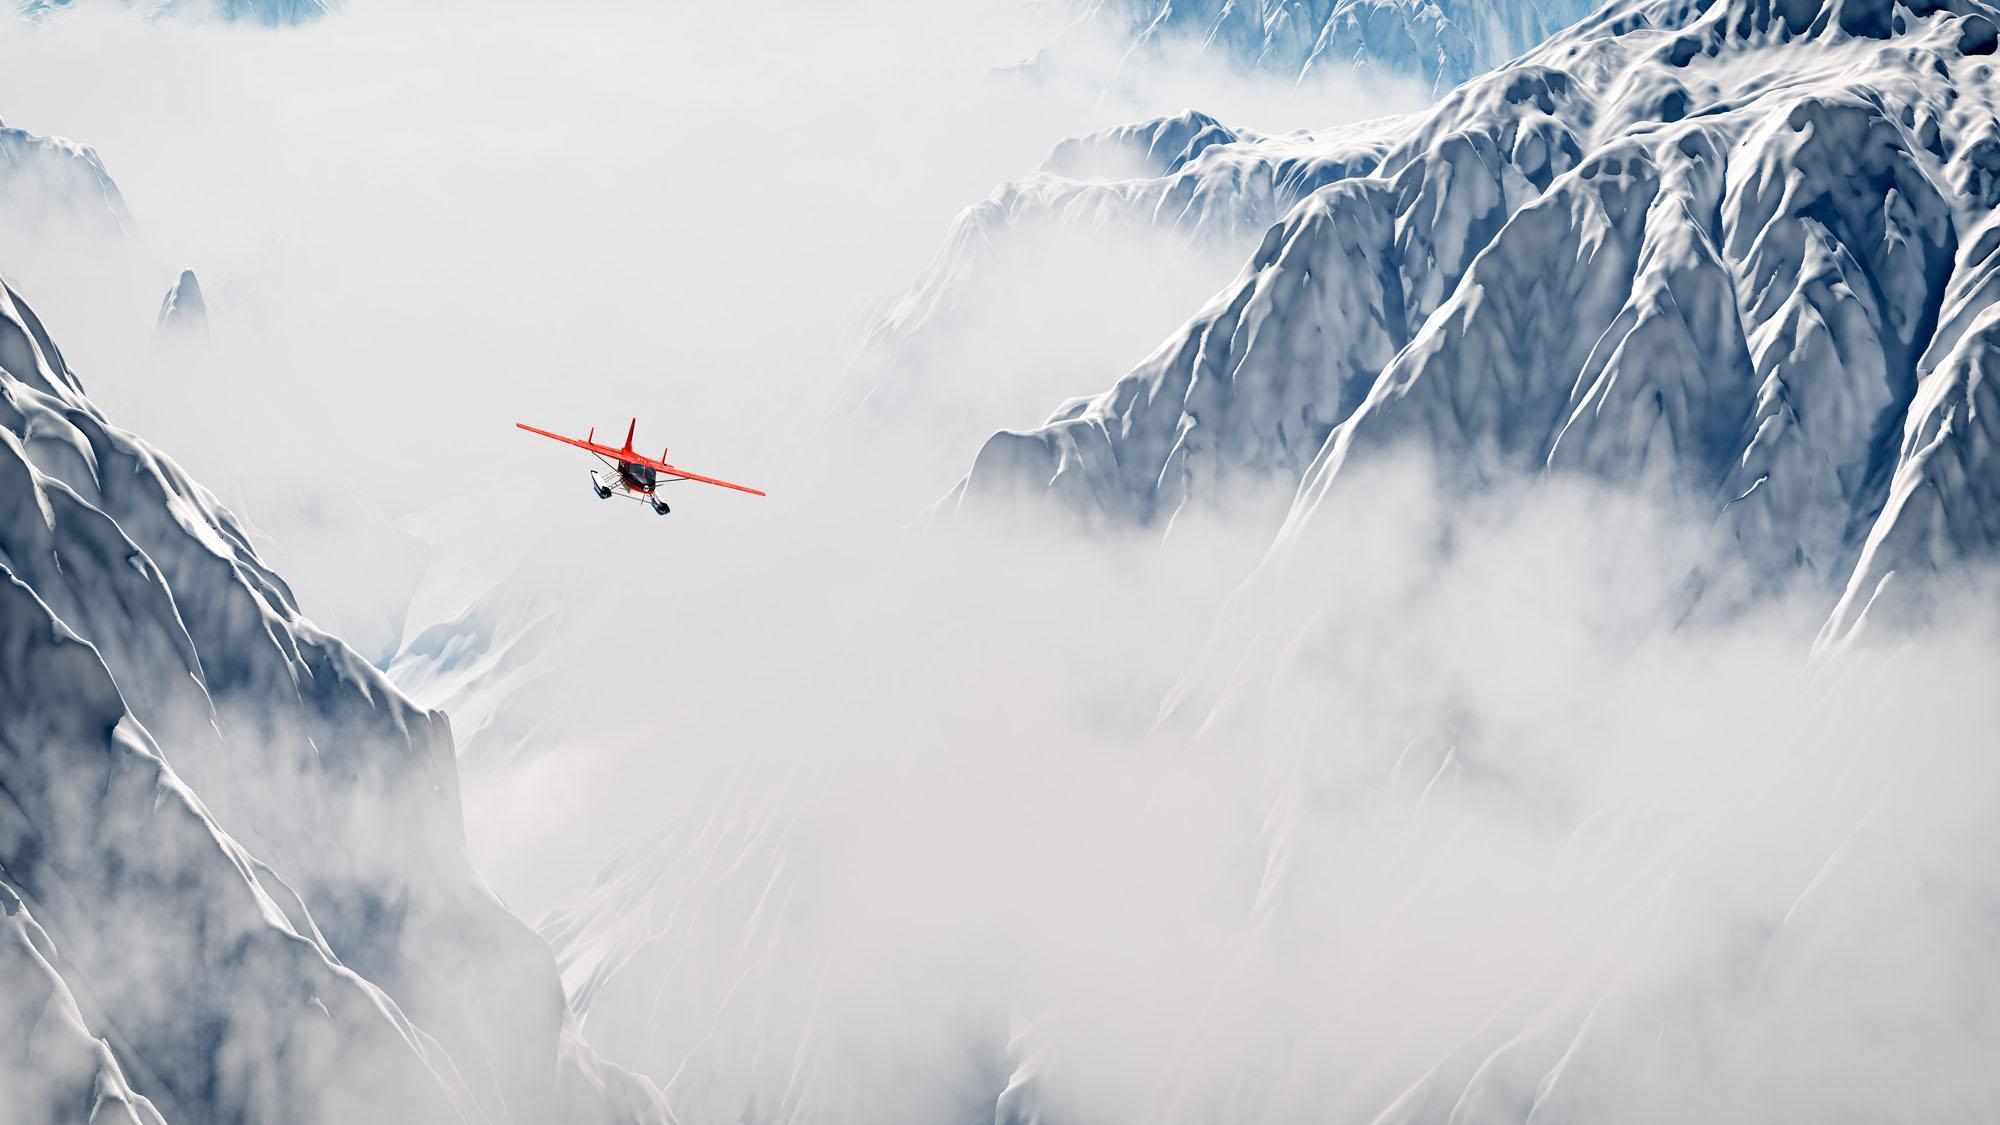 RedPlane-Snow-Mountains_w2000